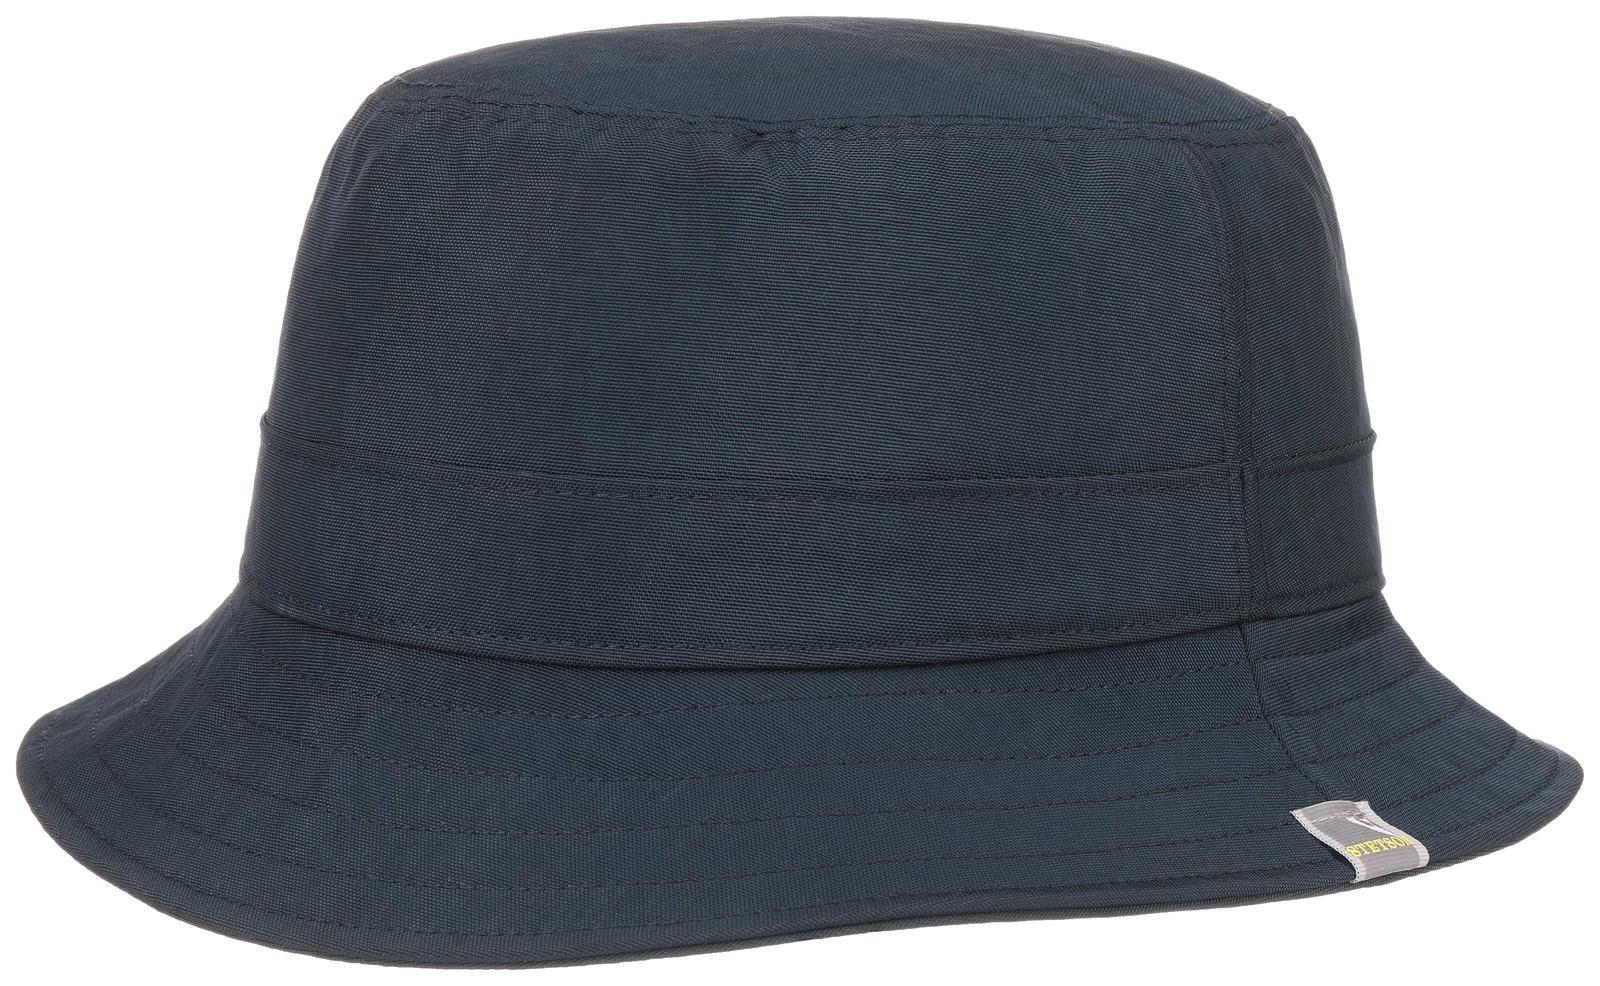 Stetson Bucket Pcm Su Geçirmez Lacivert Isı Dengeleyici Nasa Teknoloji Şapka